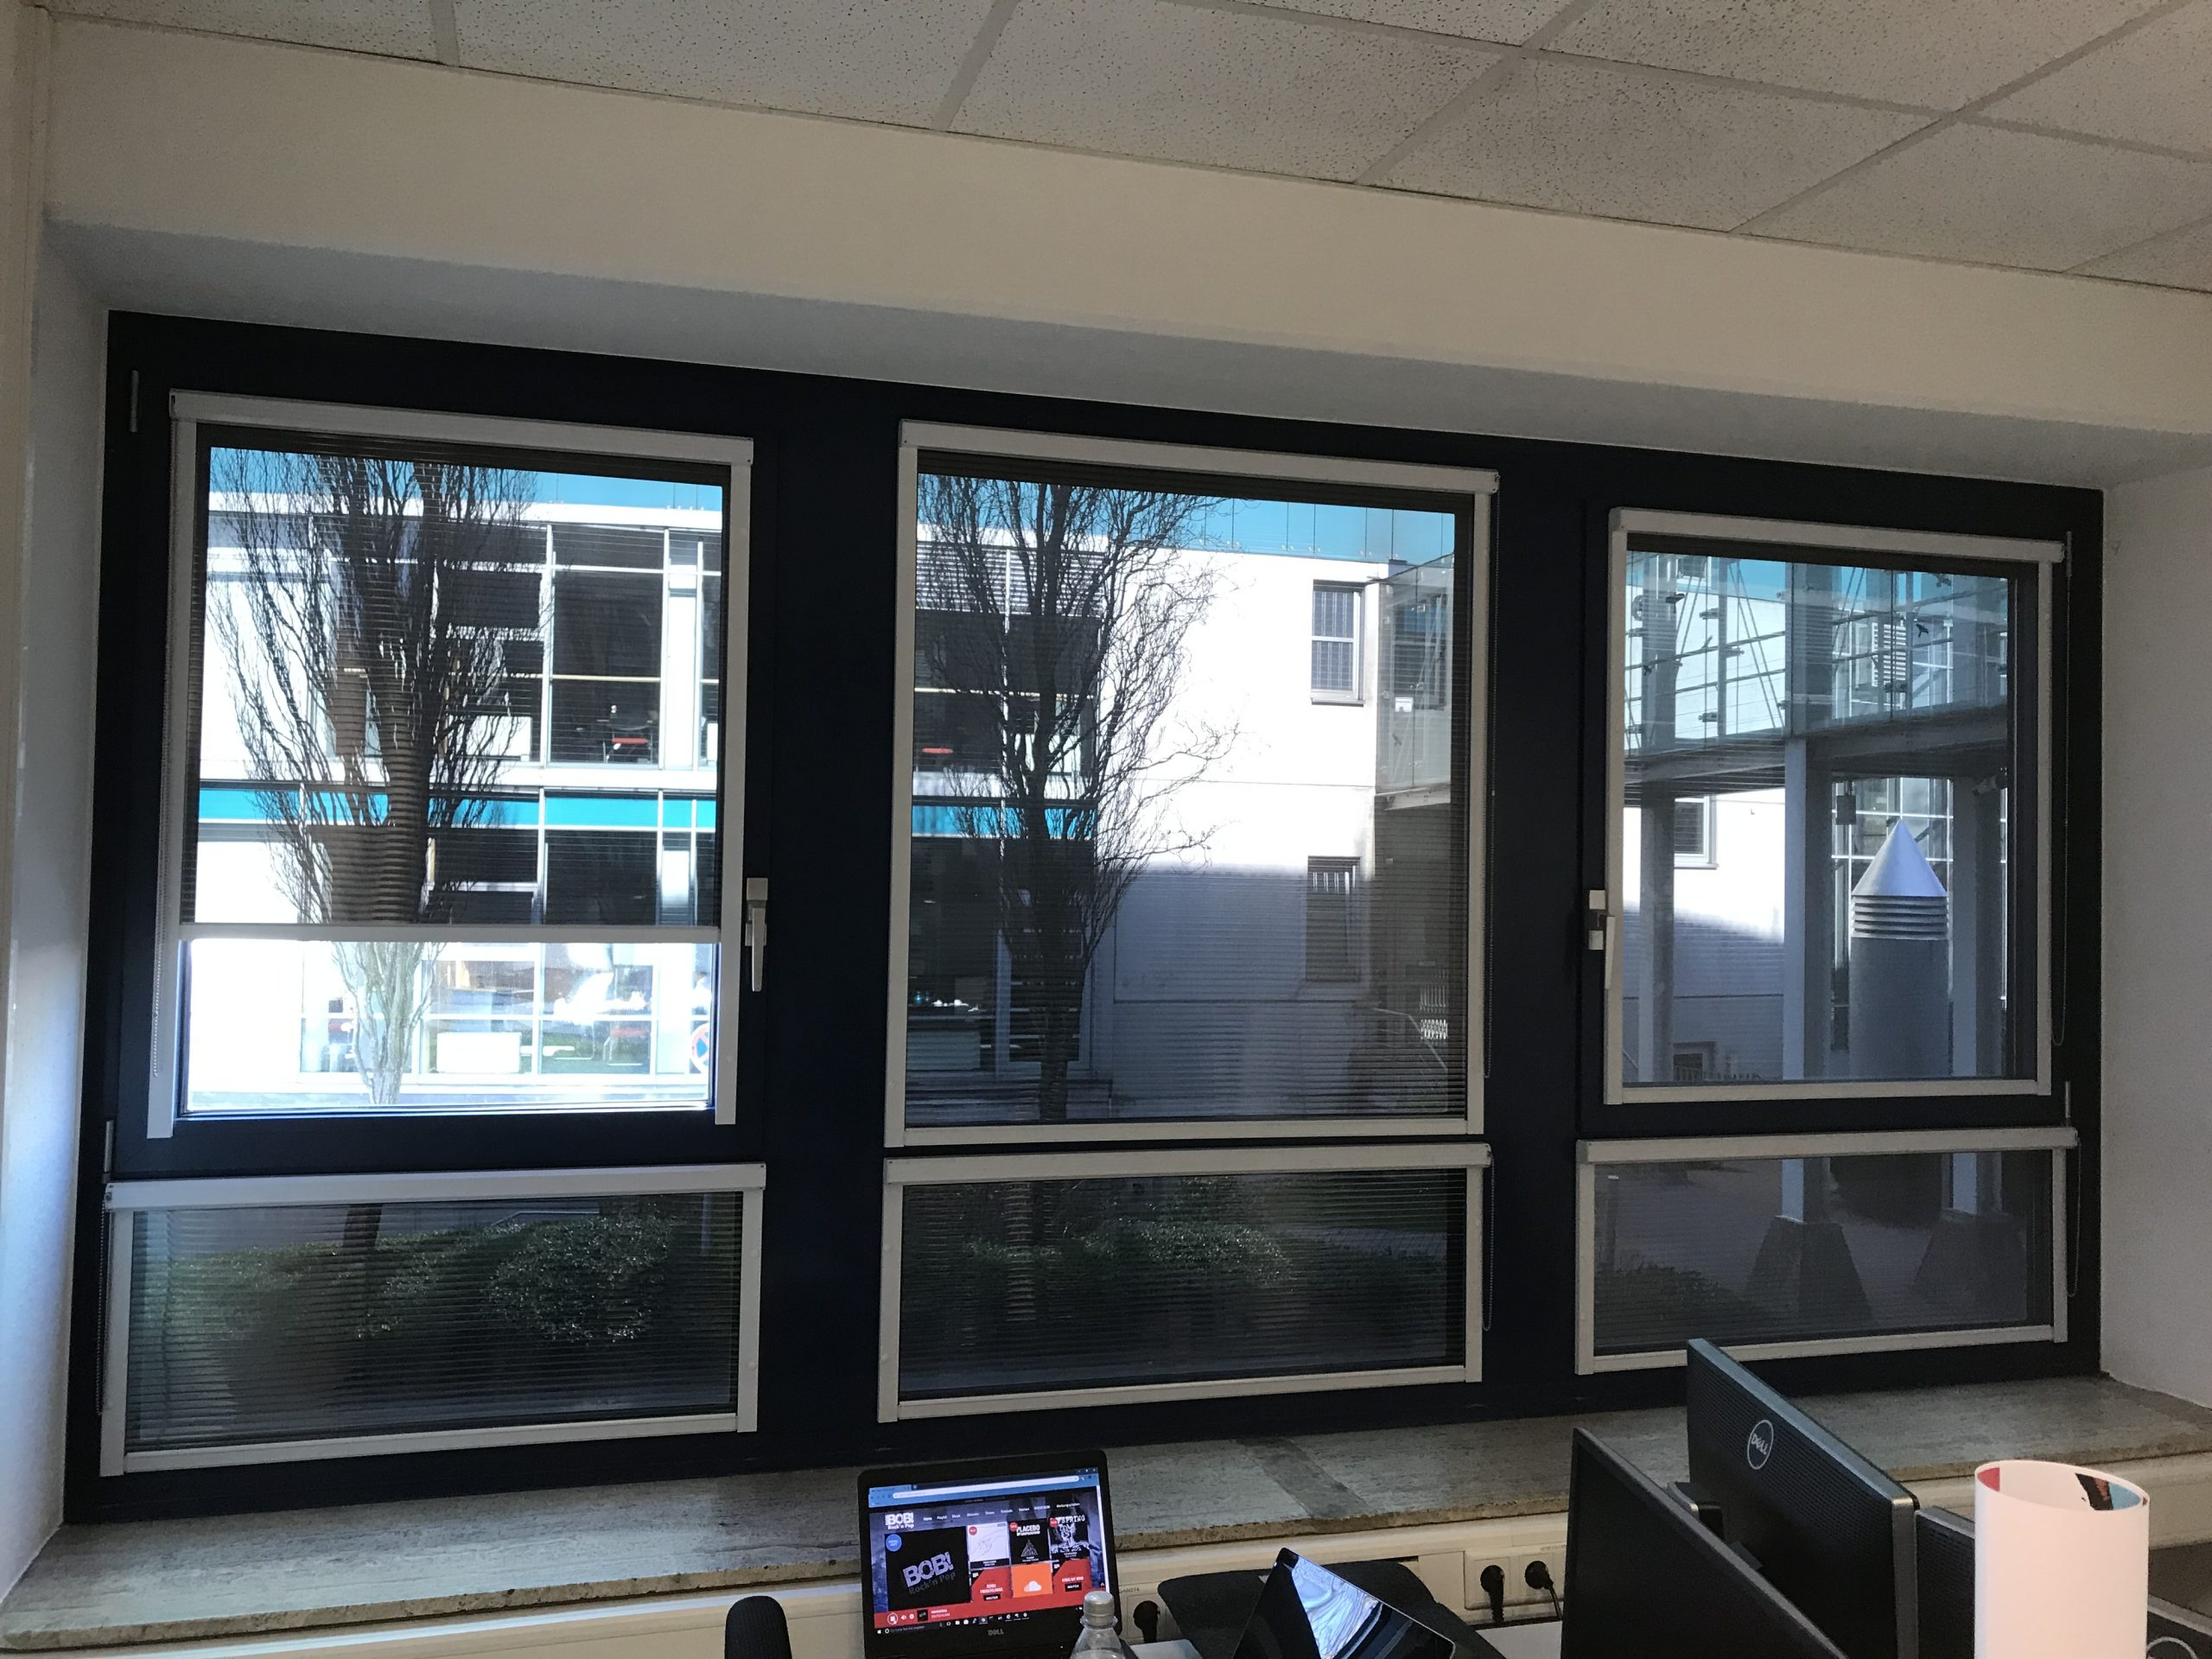 Full Size of Aluplast Fenster Fliegennetz De Standardmaße Online Konfigurieren Aron Rahmenlose Trocal Günstige Stores Insektenschutz Zwangsbelüftung Nachrüsten Für Fenster Sonnenschutz Fenster Außen